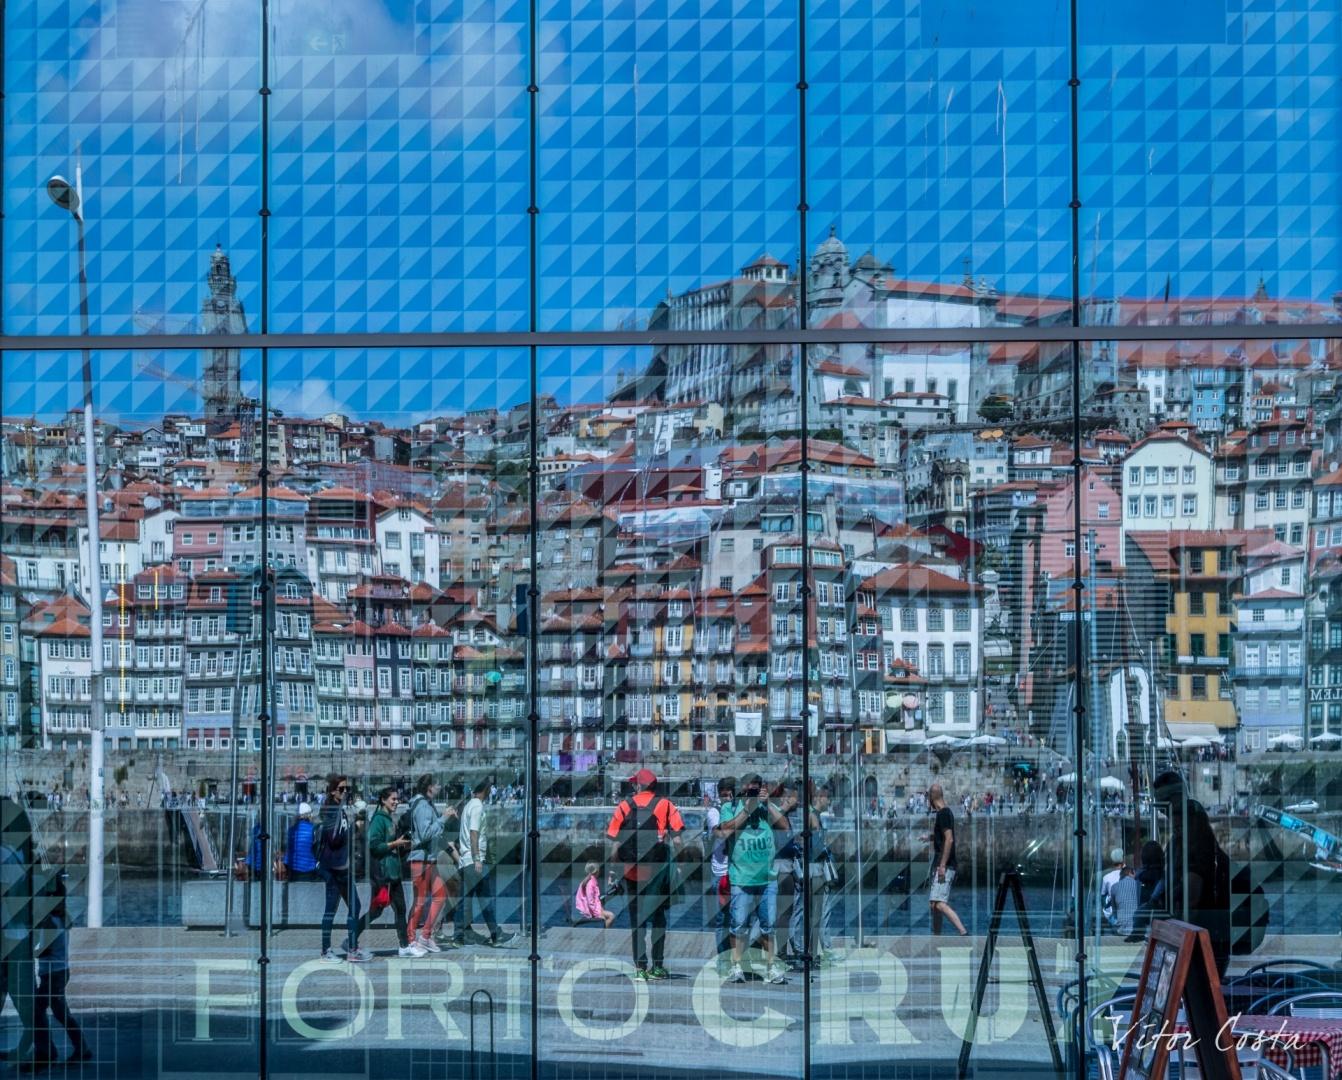 © Vitor Costa - Oporto ribeira in mirror